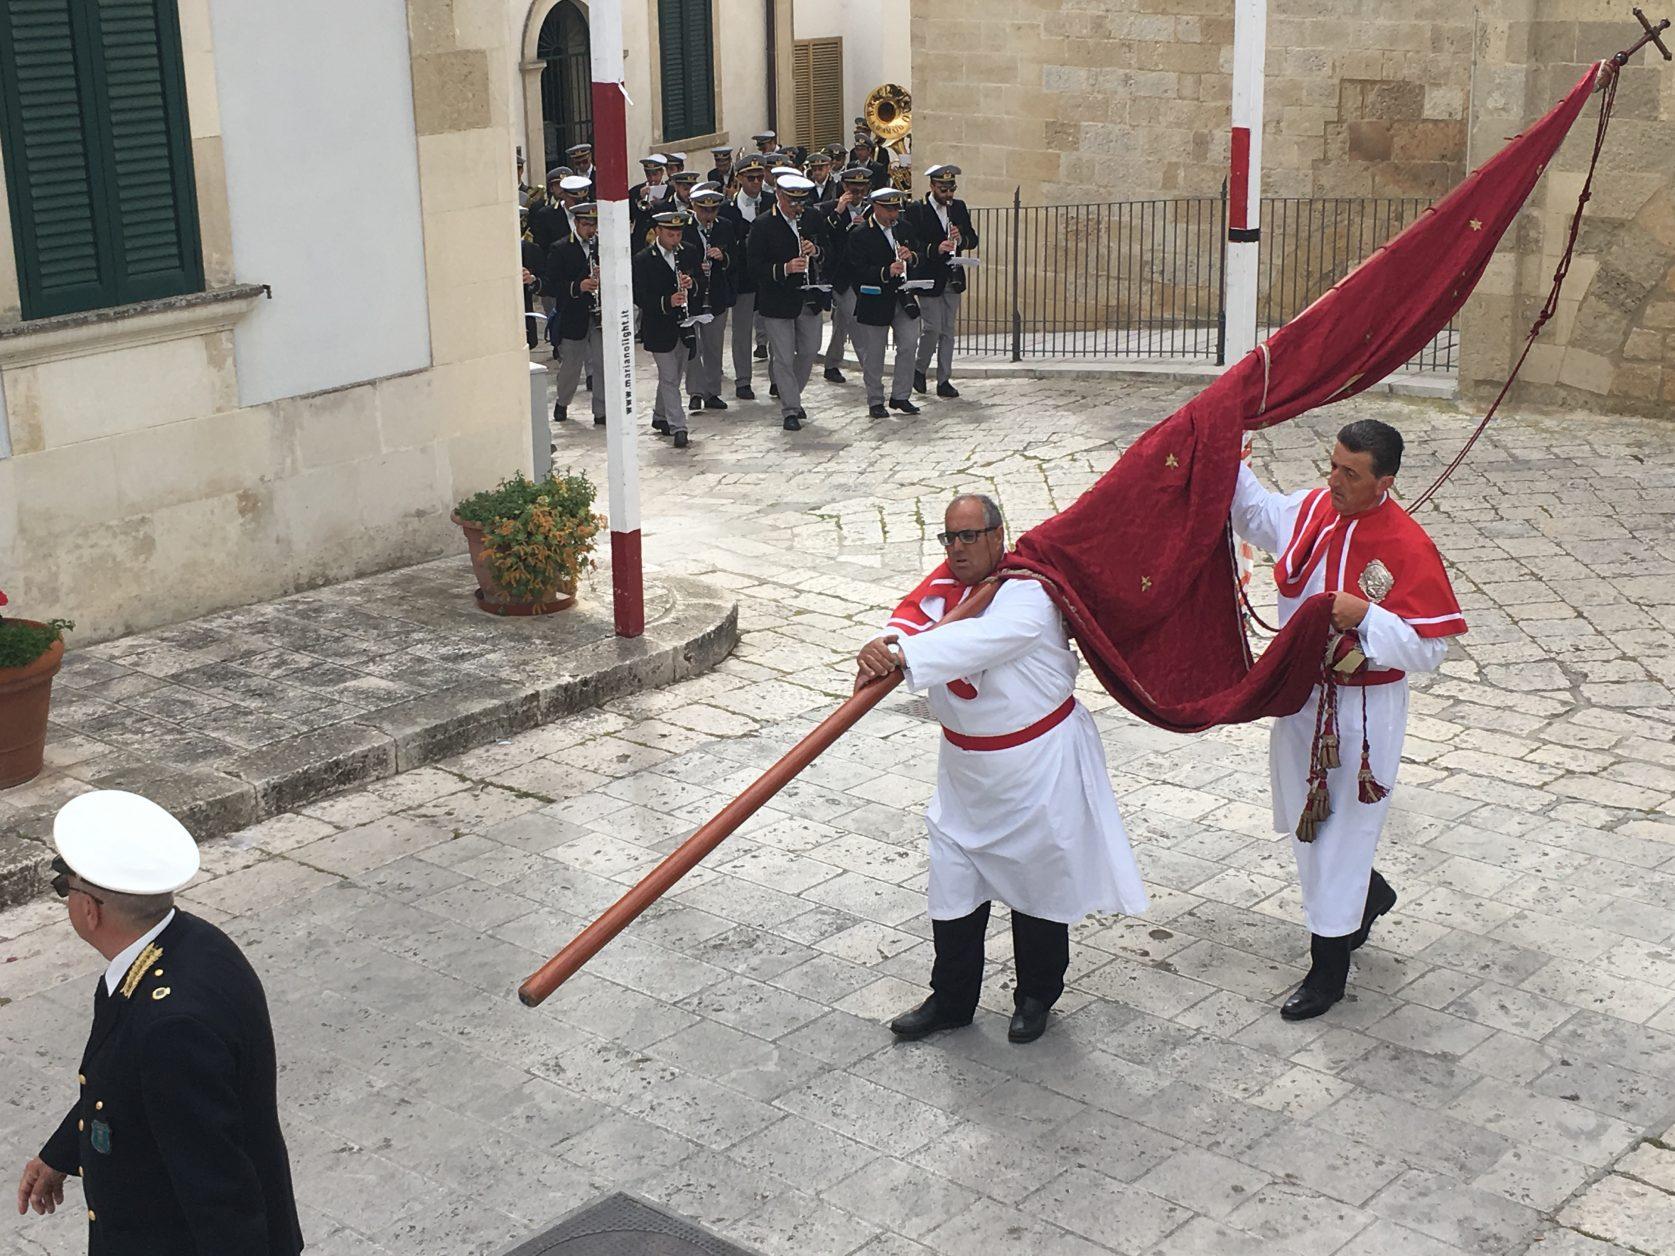 Prozession Ende April zum Patronatsfest für die Jungfrau Maria. Foto: D.Weirauch